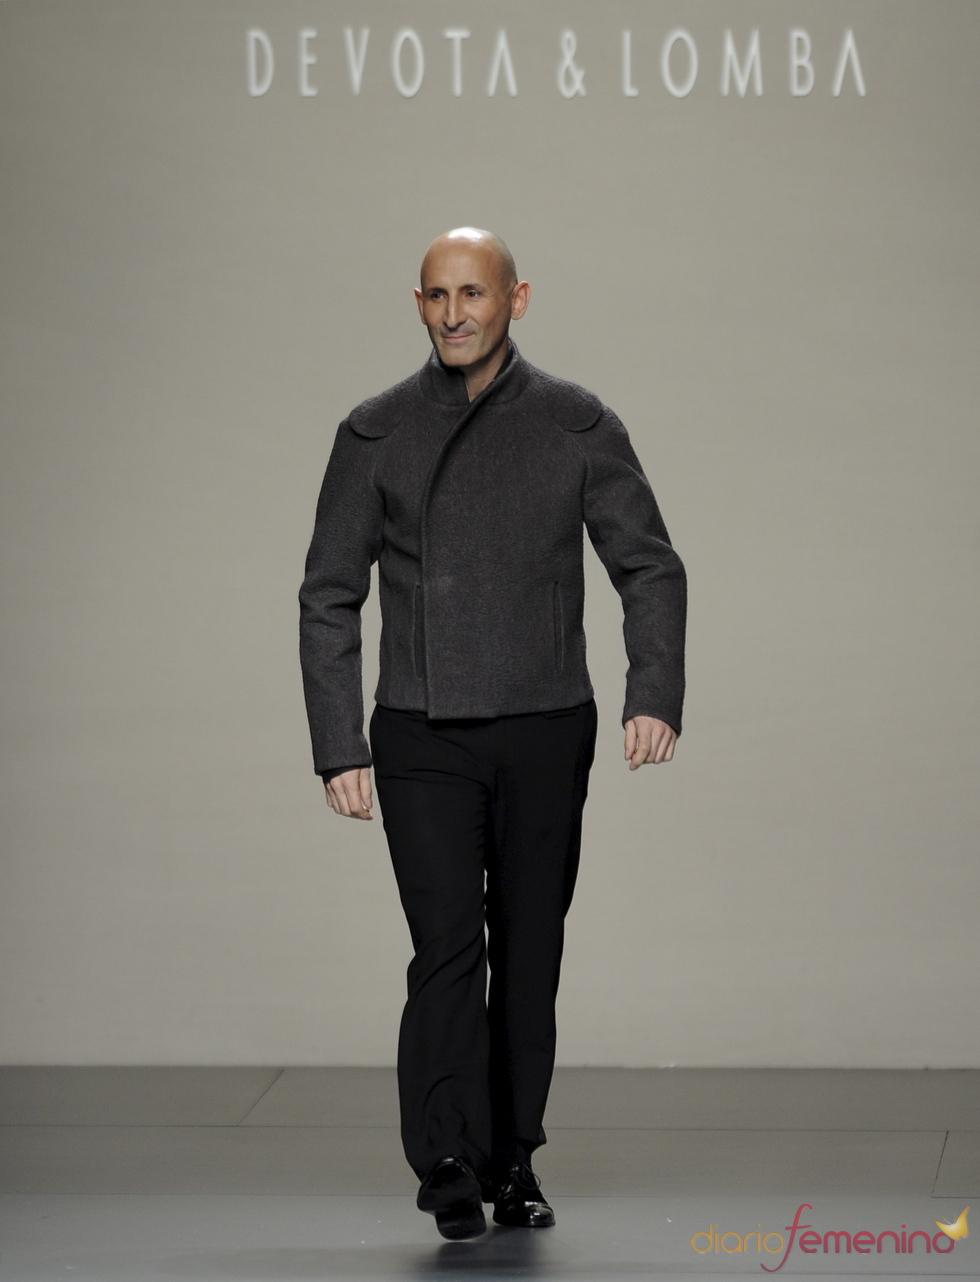 Modesto Lomba saluda en su desfile. Cibeles Madrid Fashion week 2011